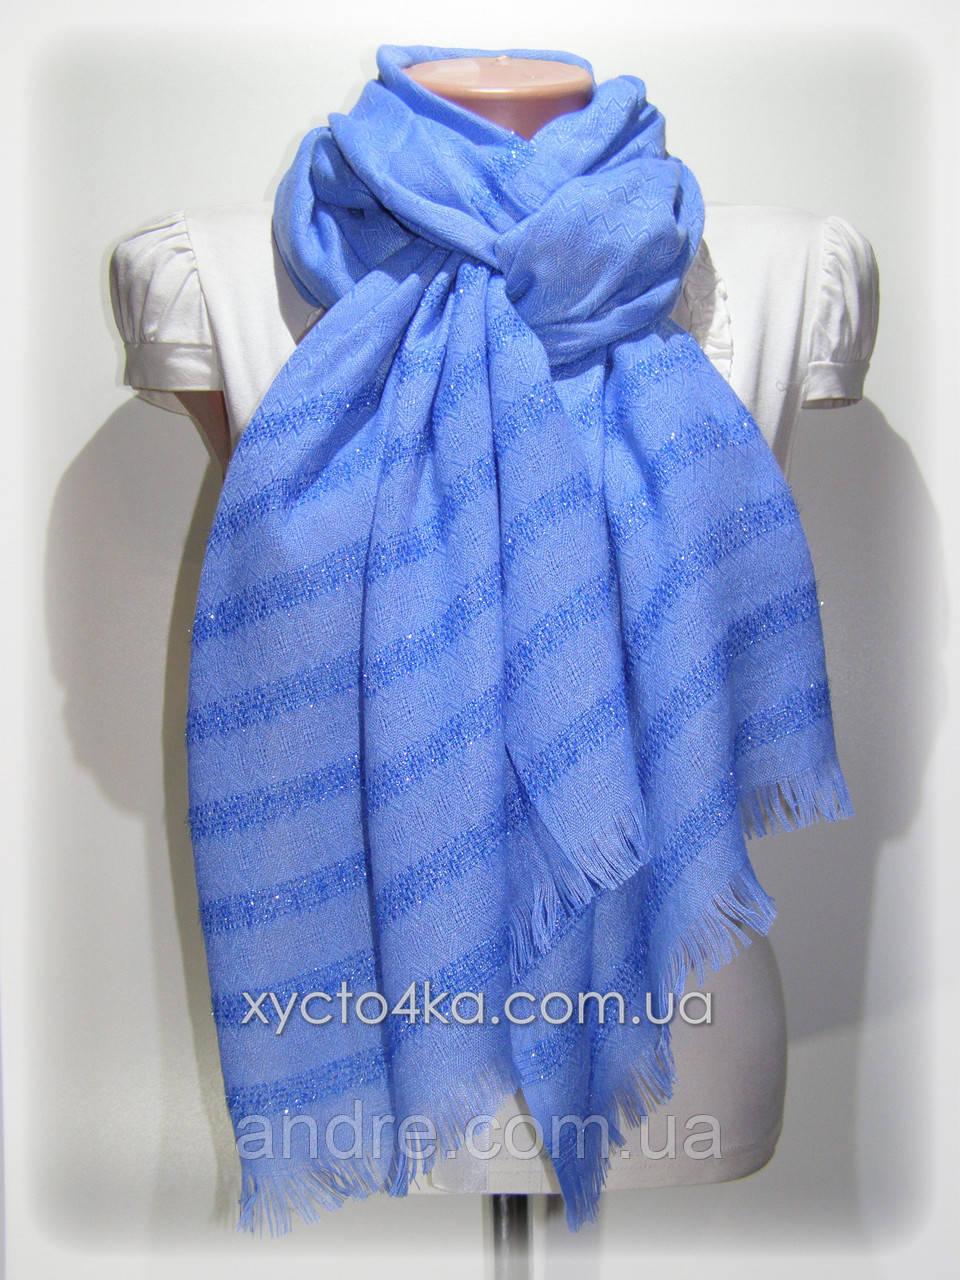 Однотонный шарф с люрексом Моника, синий